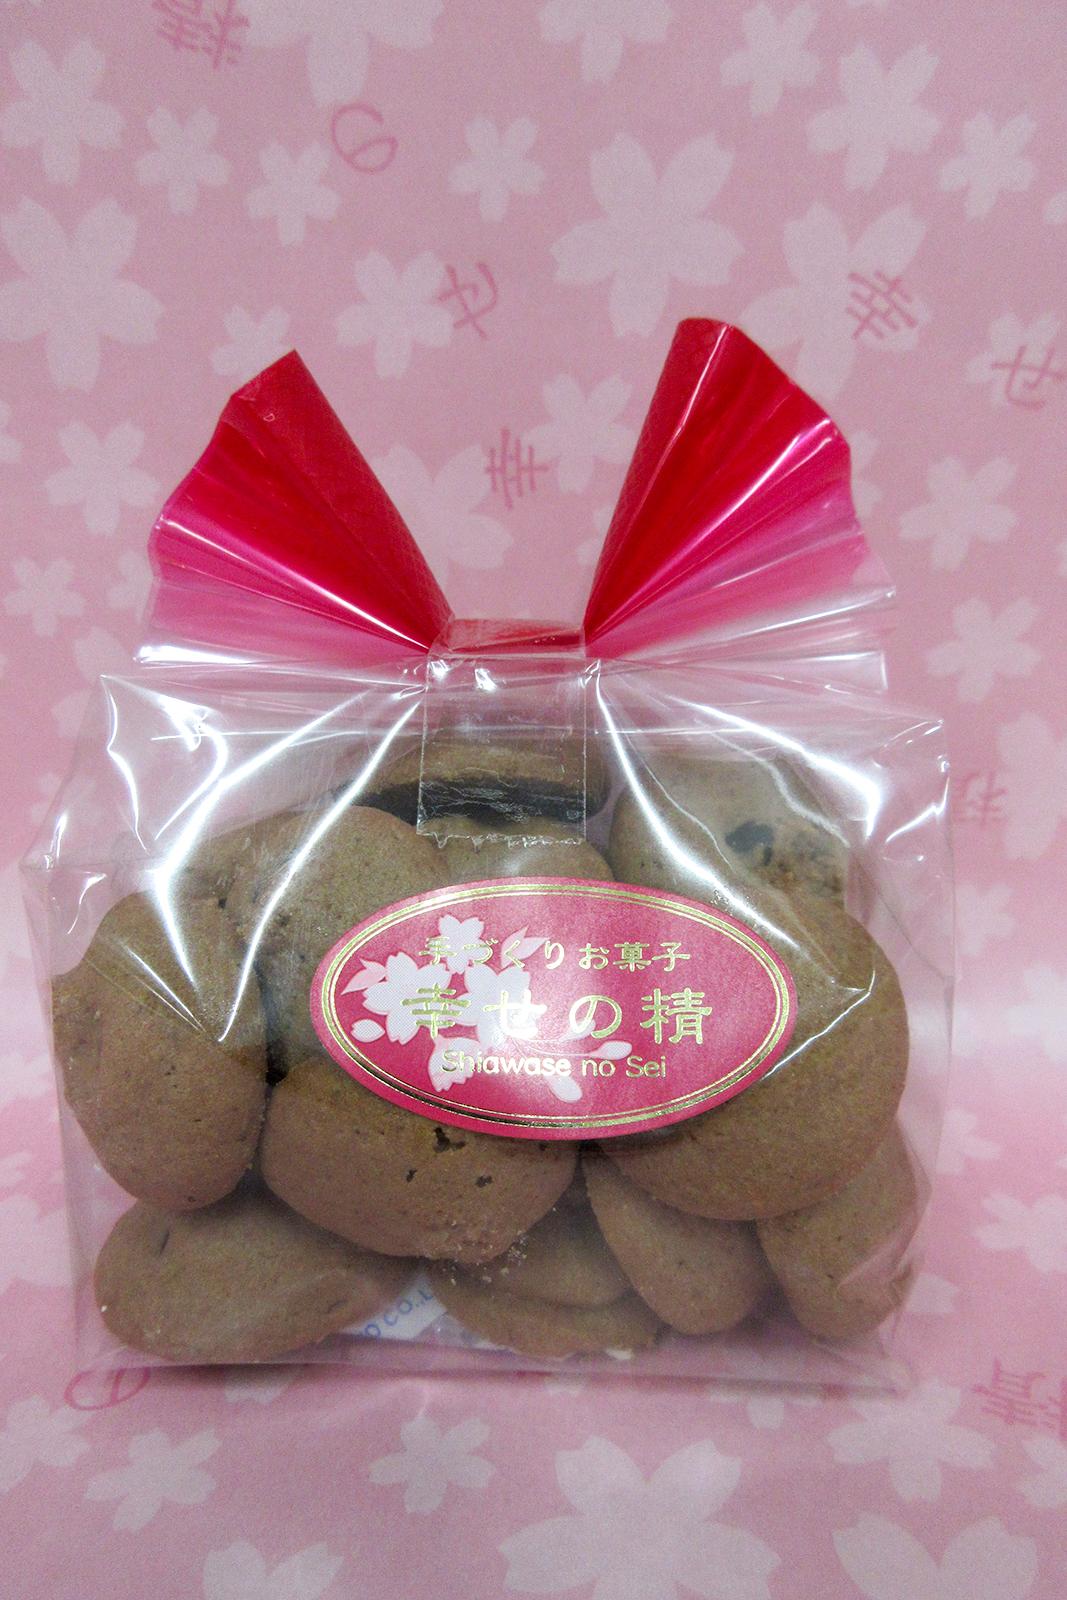 ココアチョコクッキー:280円(税込)